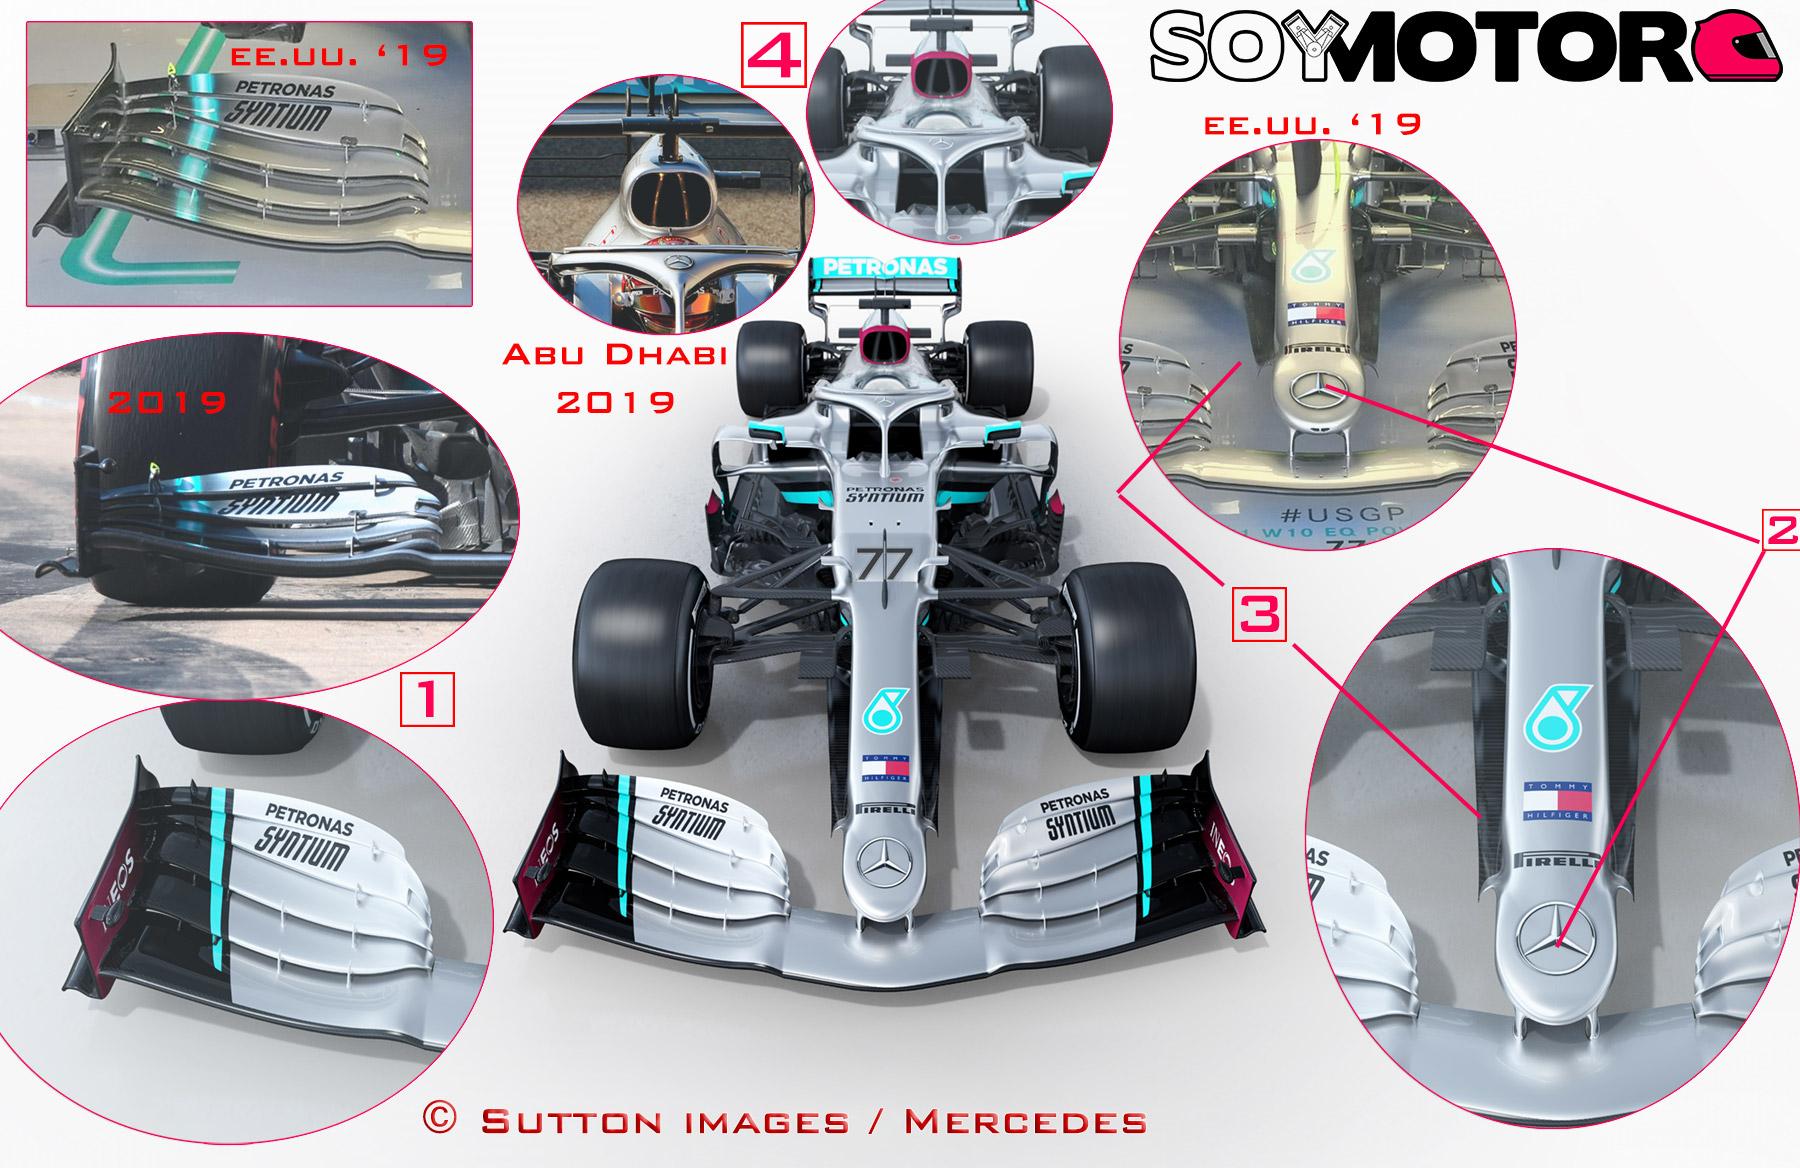 mercedes-frontal-1-soymotor.jpg